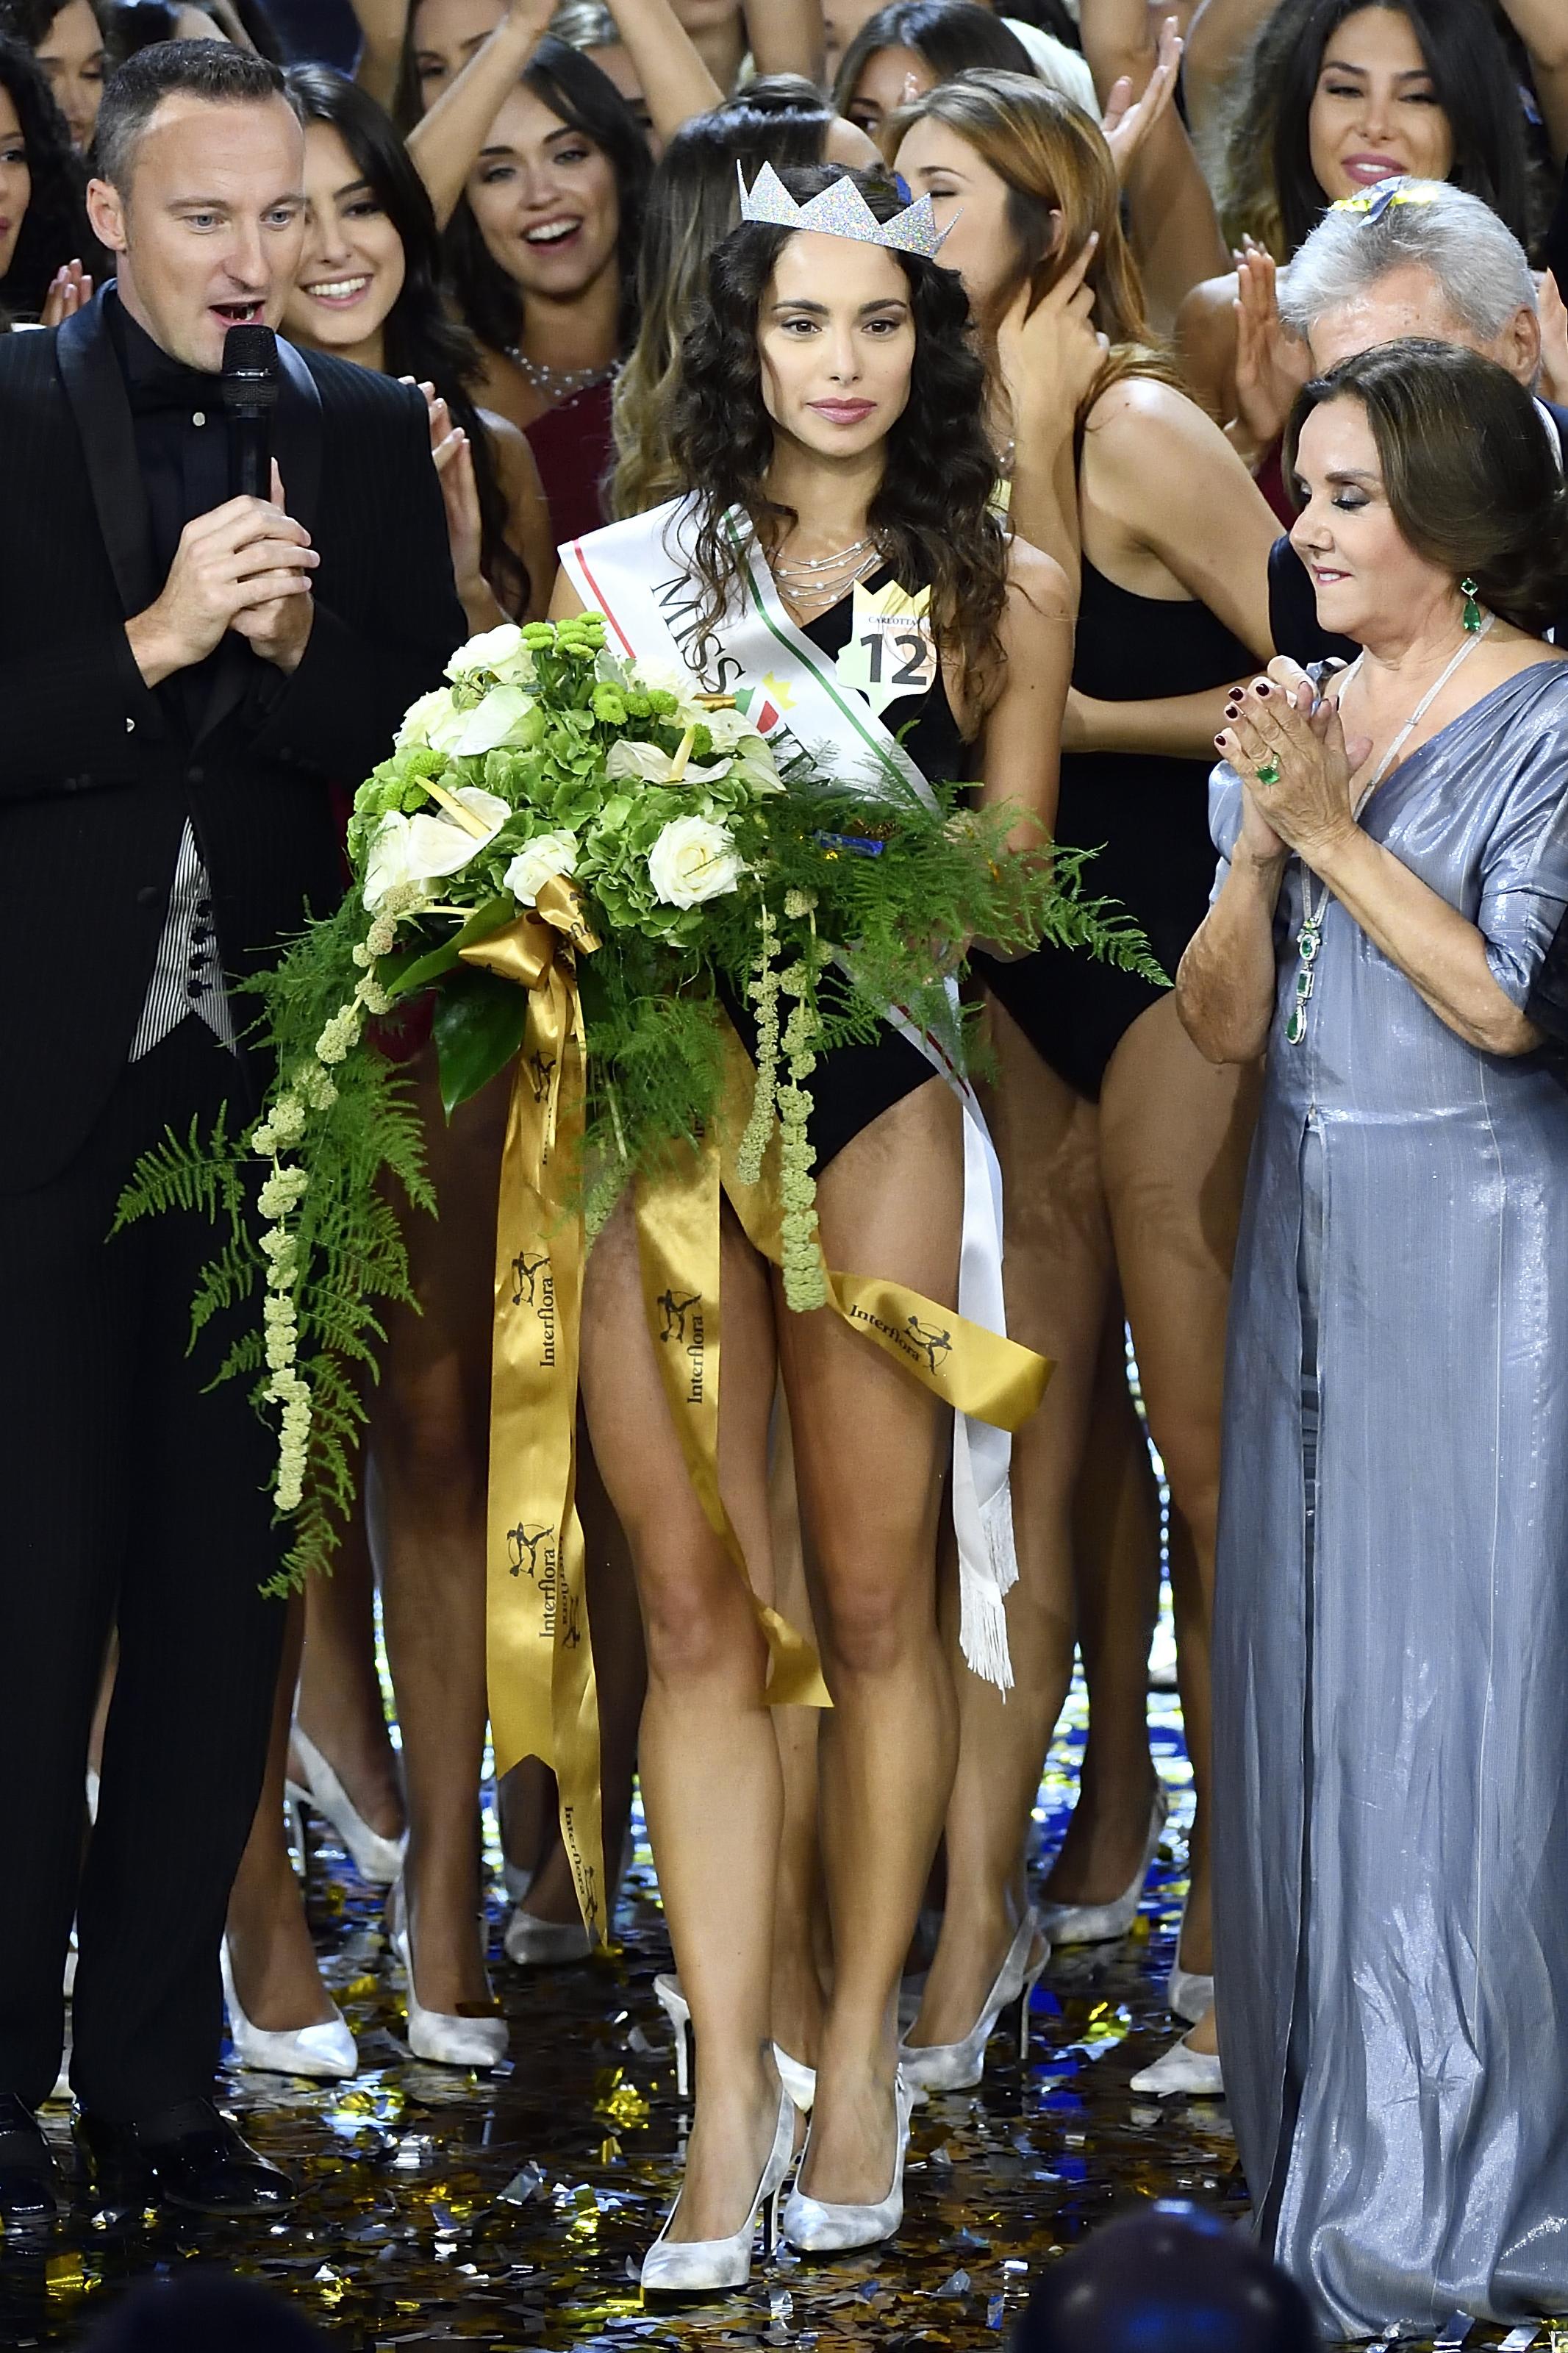 18/09/2018, Milano, finale di Miss Italia 2018. Nella foto Carlotta Maggiorana, Miss Italia